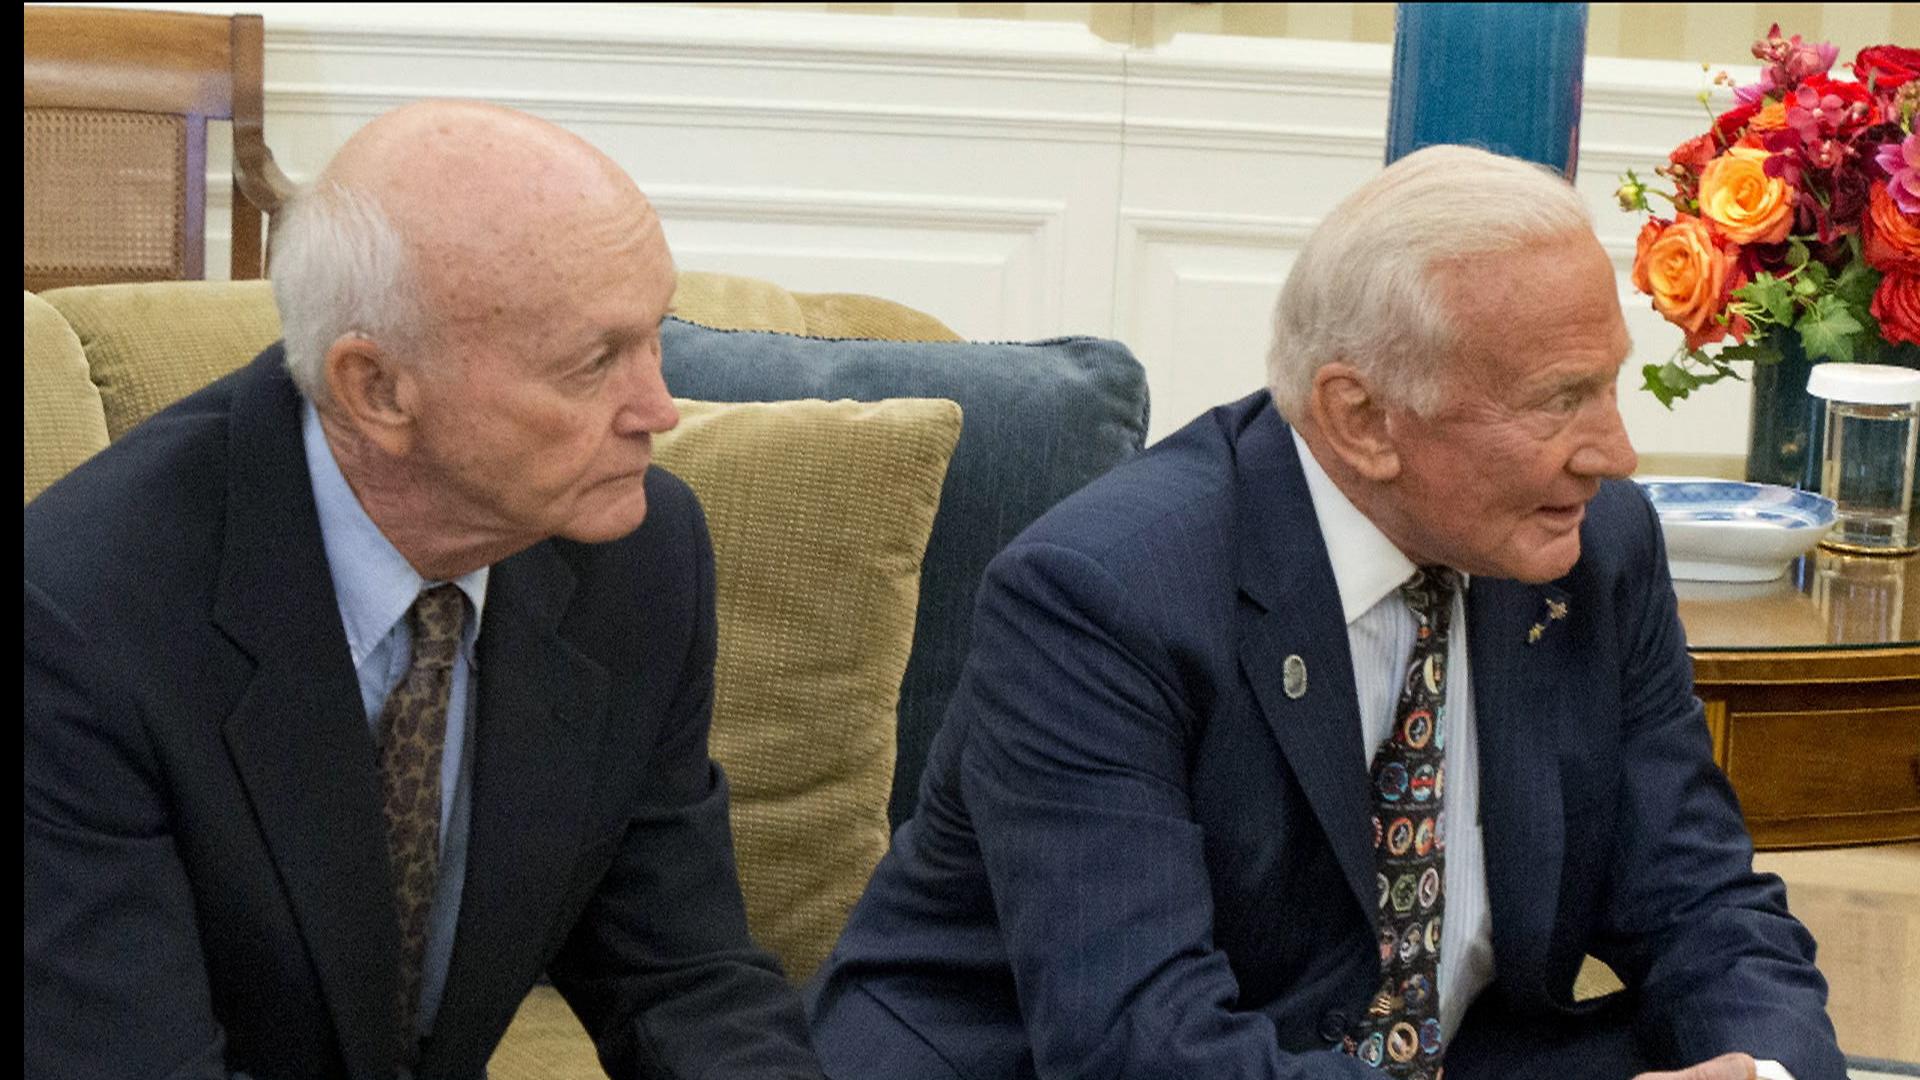 Apollo 11 Plus 45: President Obama Meets With Astronauts